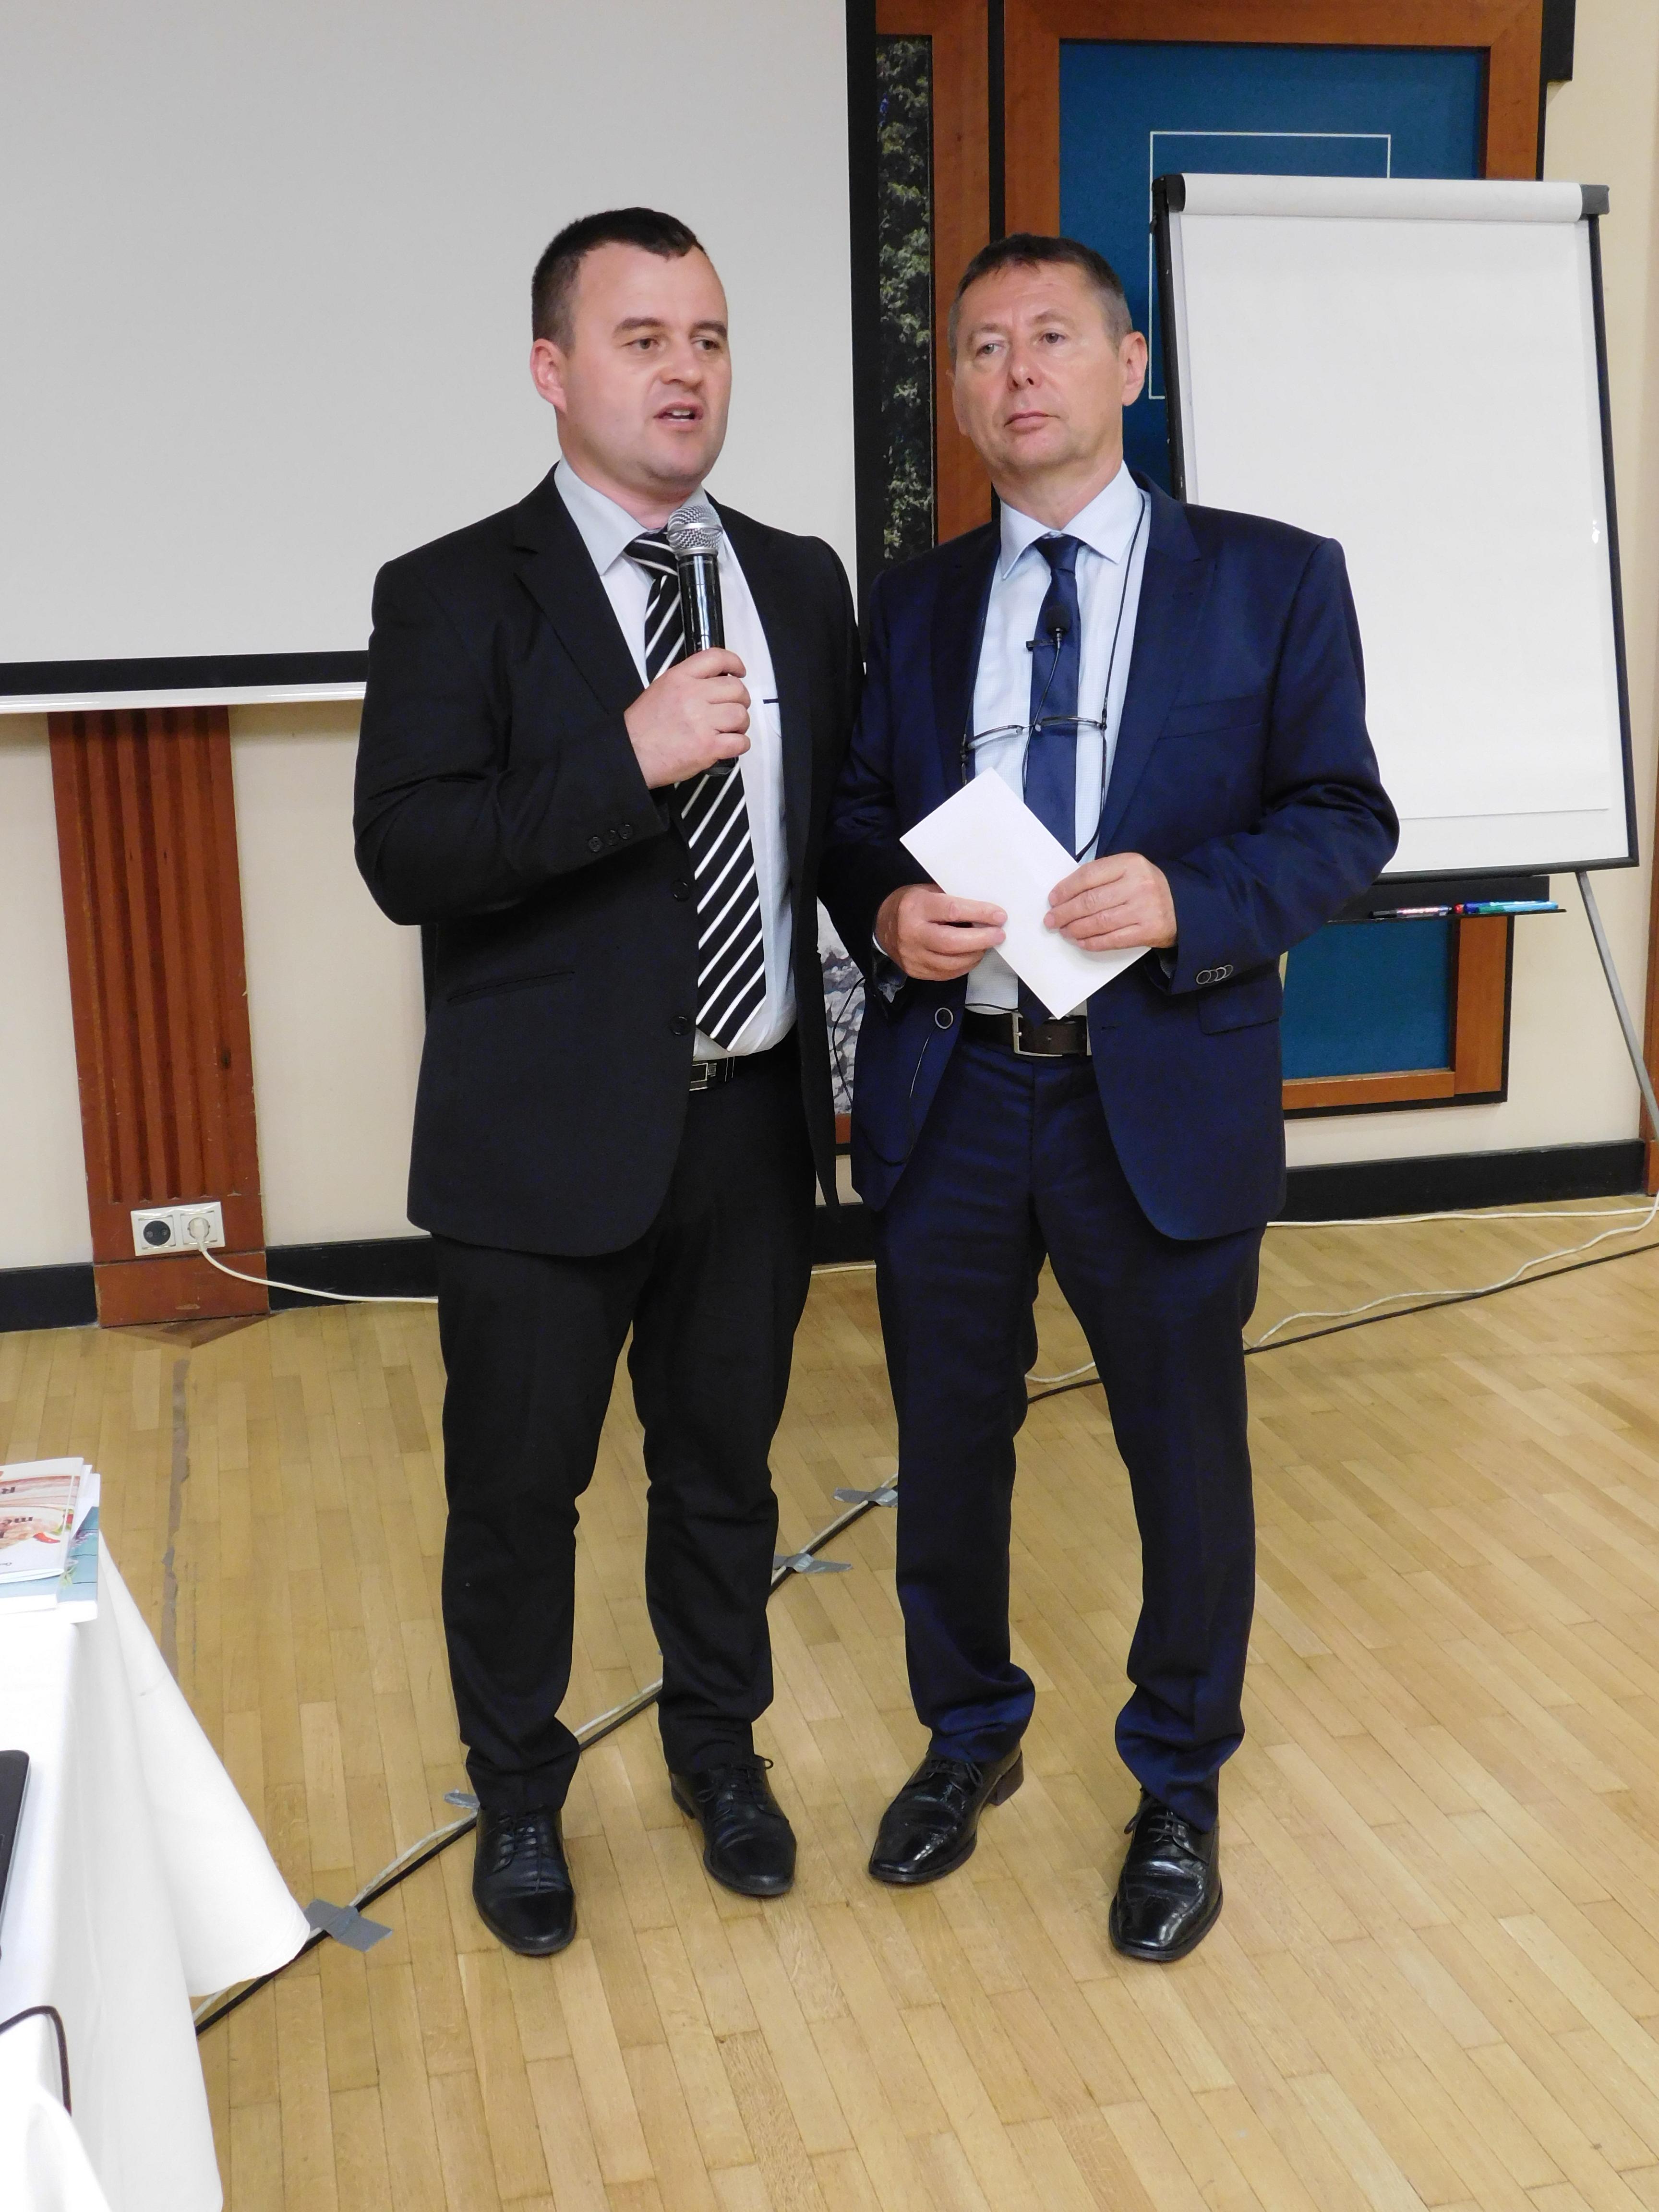 A Ferenczy-ág versenynyertese: Tóth Zoltán, Ferenczy László Arany Hálózatigazgató mellett